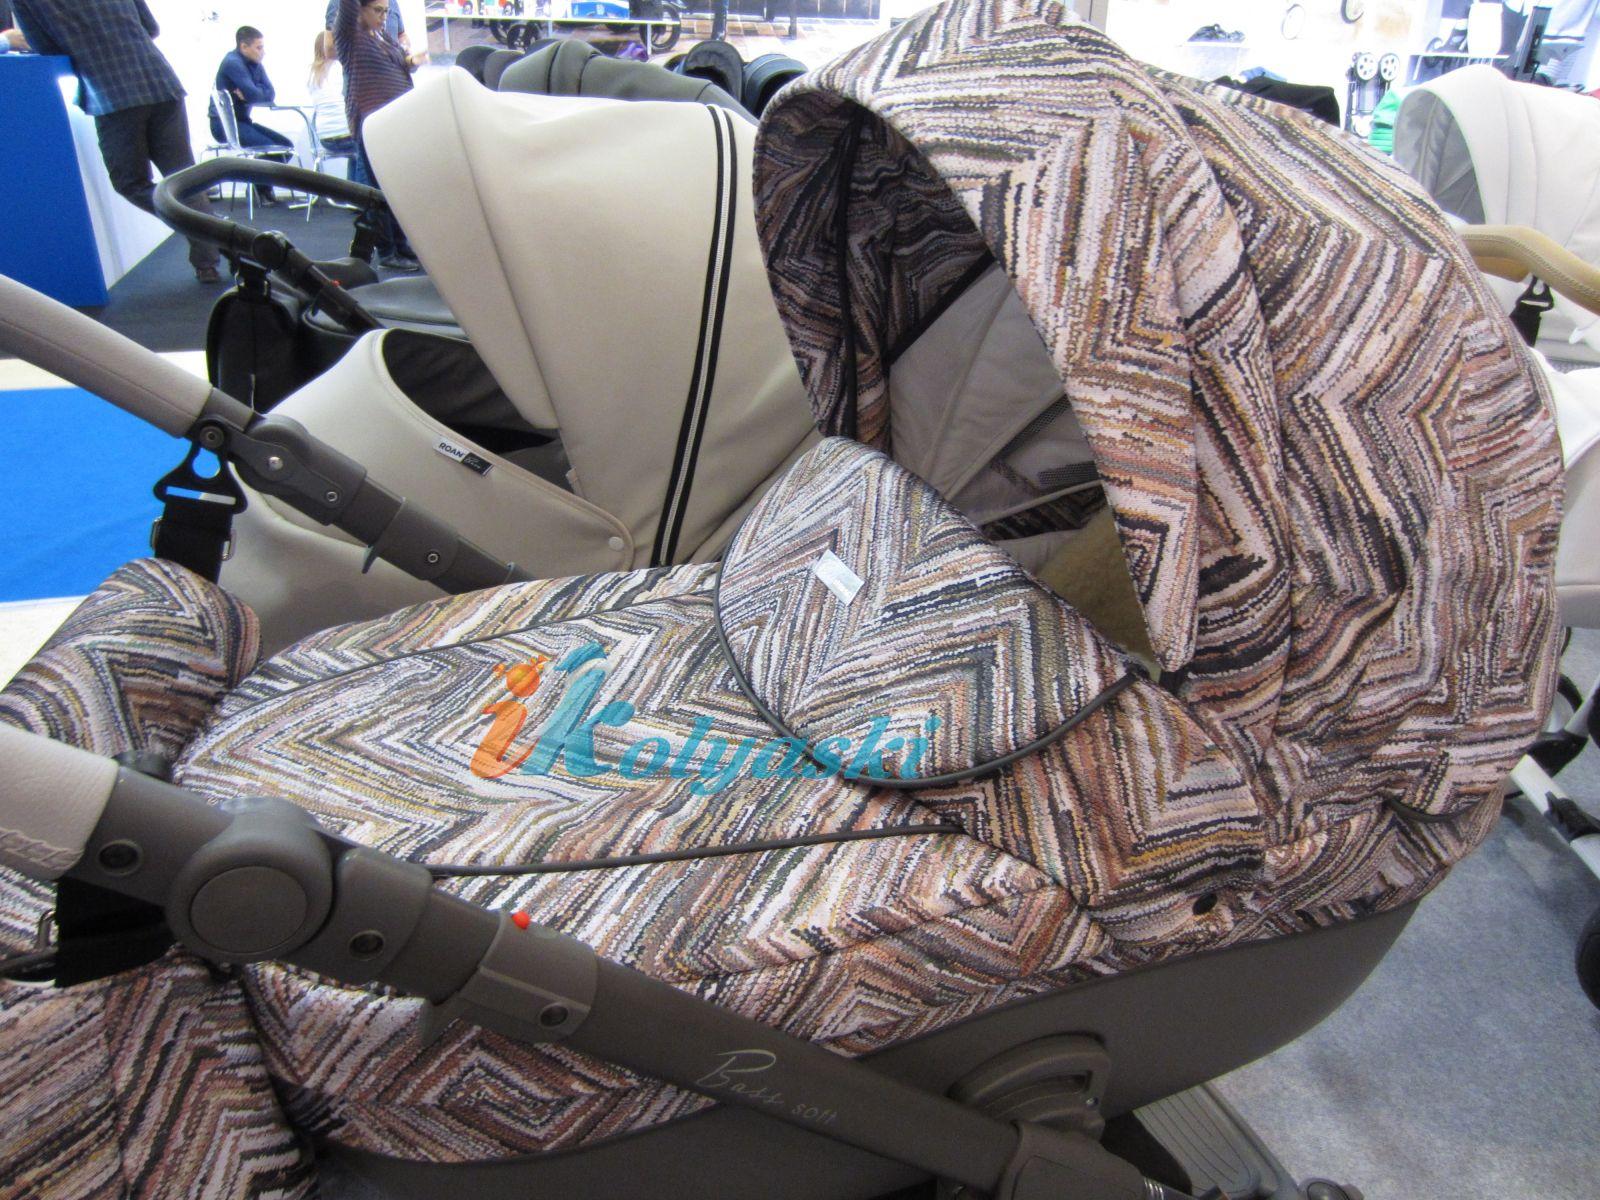 Roan Bass Soft Leather, Детская коляска для новорожденных, детская коляска на поворотных колесах, коляски 3 в 1, коляска Roan Bass Soft, коляска Роан Басс Софт, коляски новинки 2018, детские коляски новинки 2018, коляски Roan, детские коляски роан , Детская коляска для новорожденных Roan Bass Soft LE, коялска 3 в 1, Роан Басс Софт 3 в 1, купить коялску 3 в 1, модные коляски 3 в 1, лучшие коляски 3 в 1, коляски для новорожденных 3 в 1, коляска на поворотных колесах, Roan Bass Soft LE